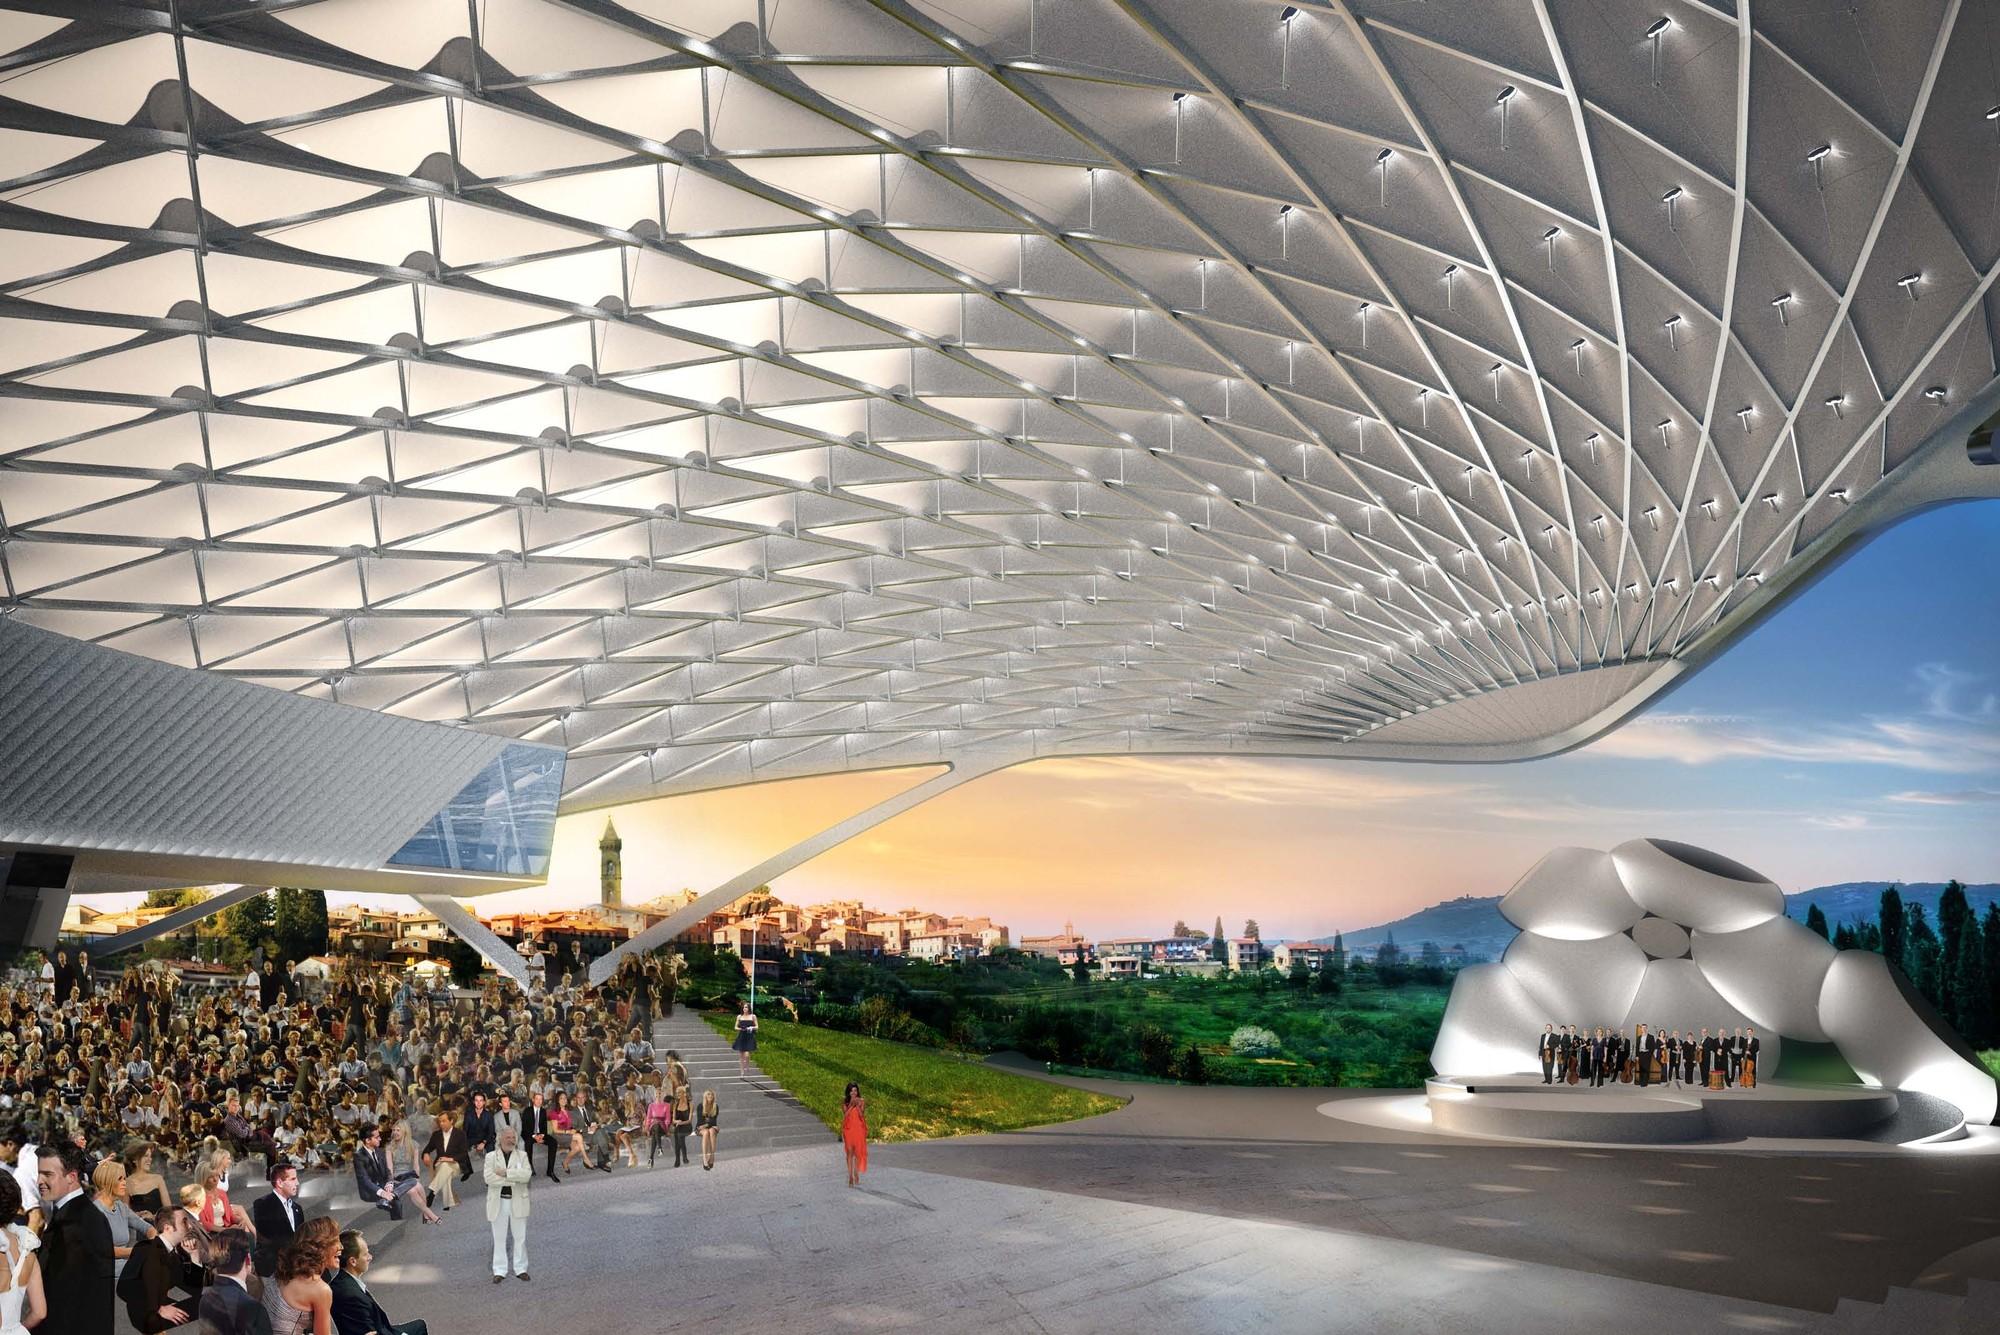 Vista del toldo. Imagen Cortesía de Asymptote Architects